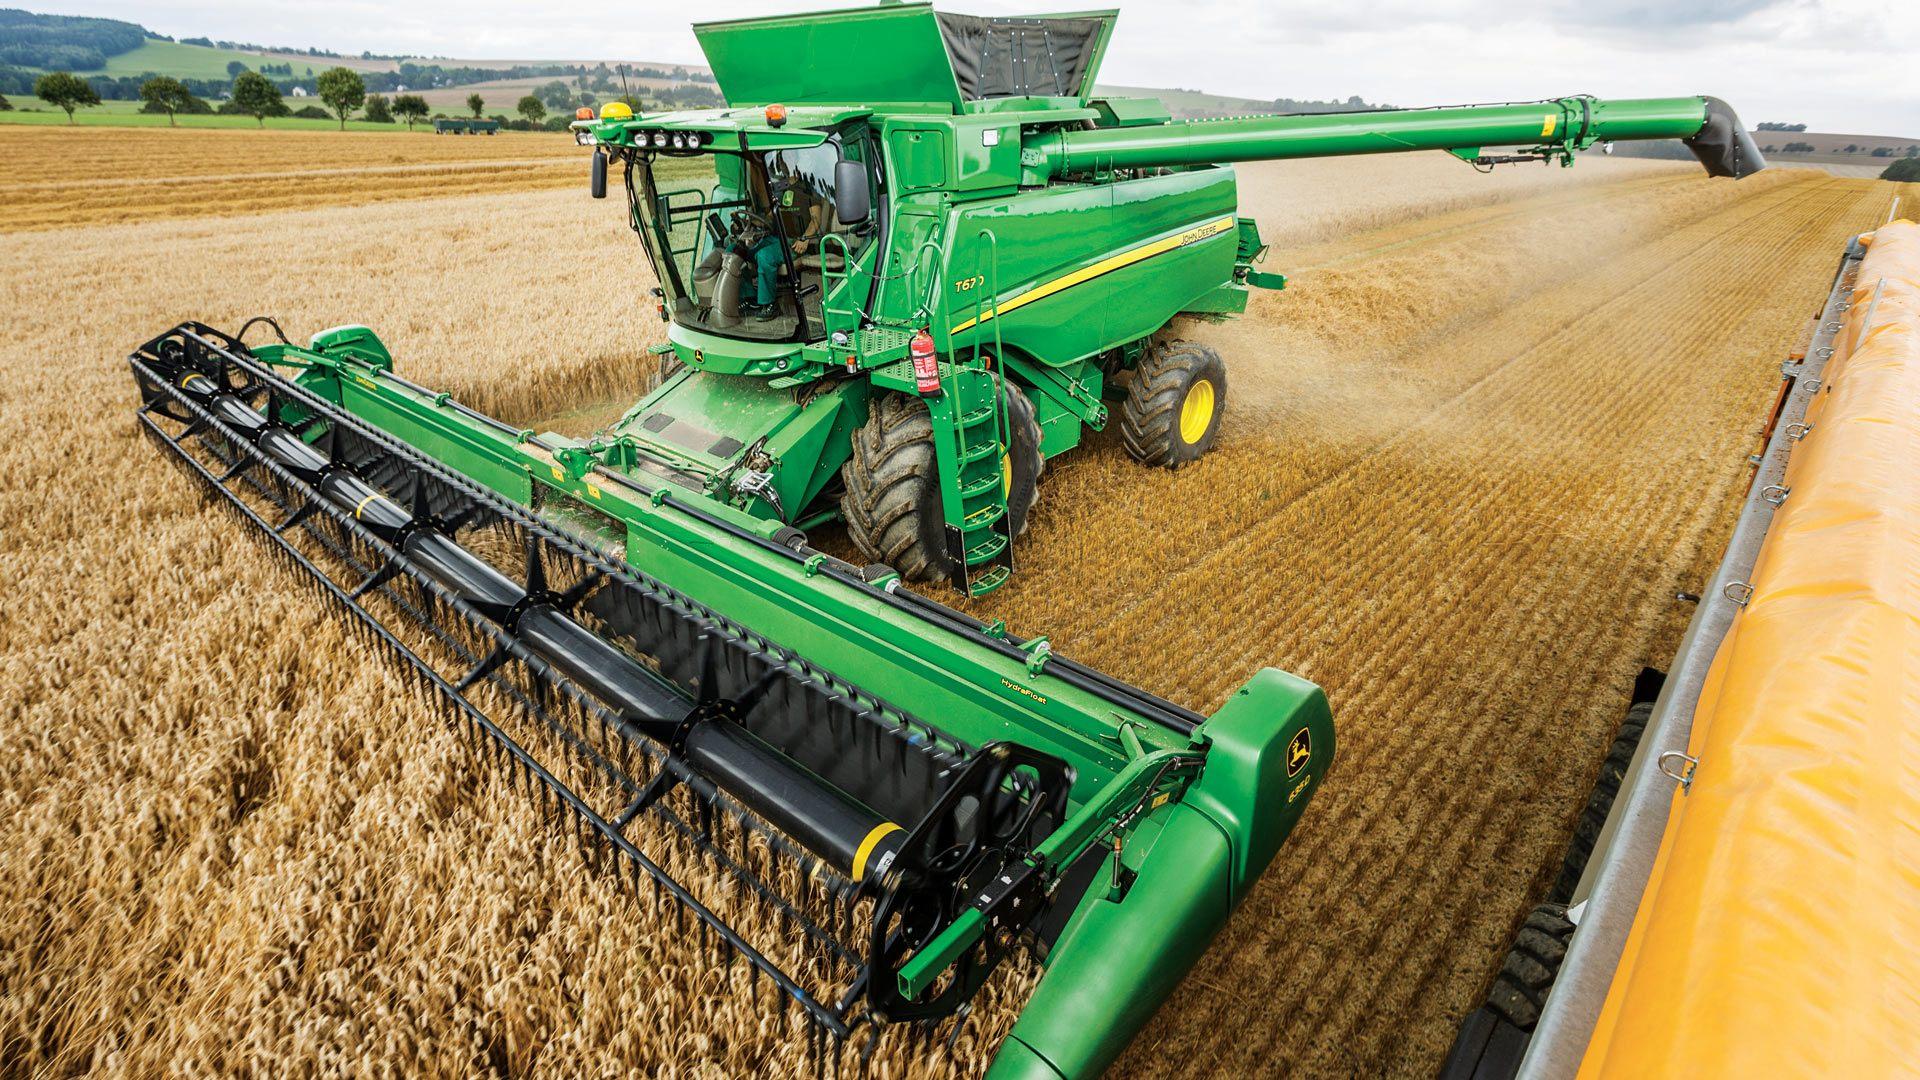 Harvesting Equipment | John Deere Australia